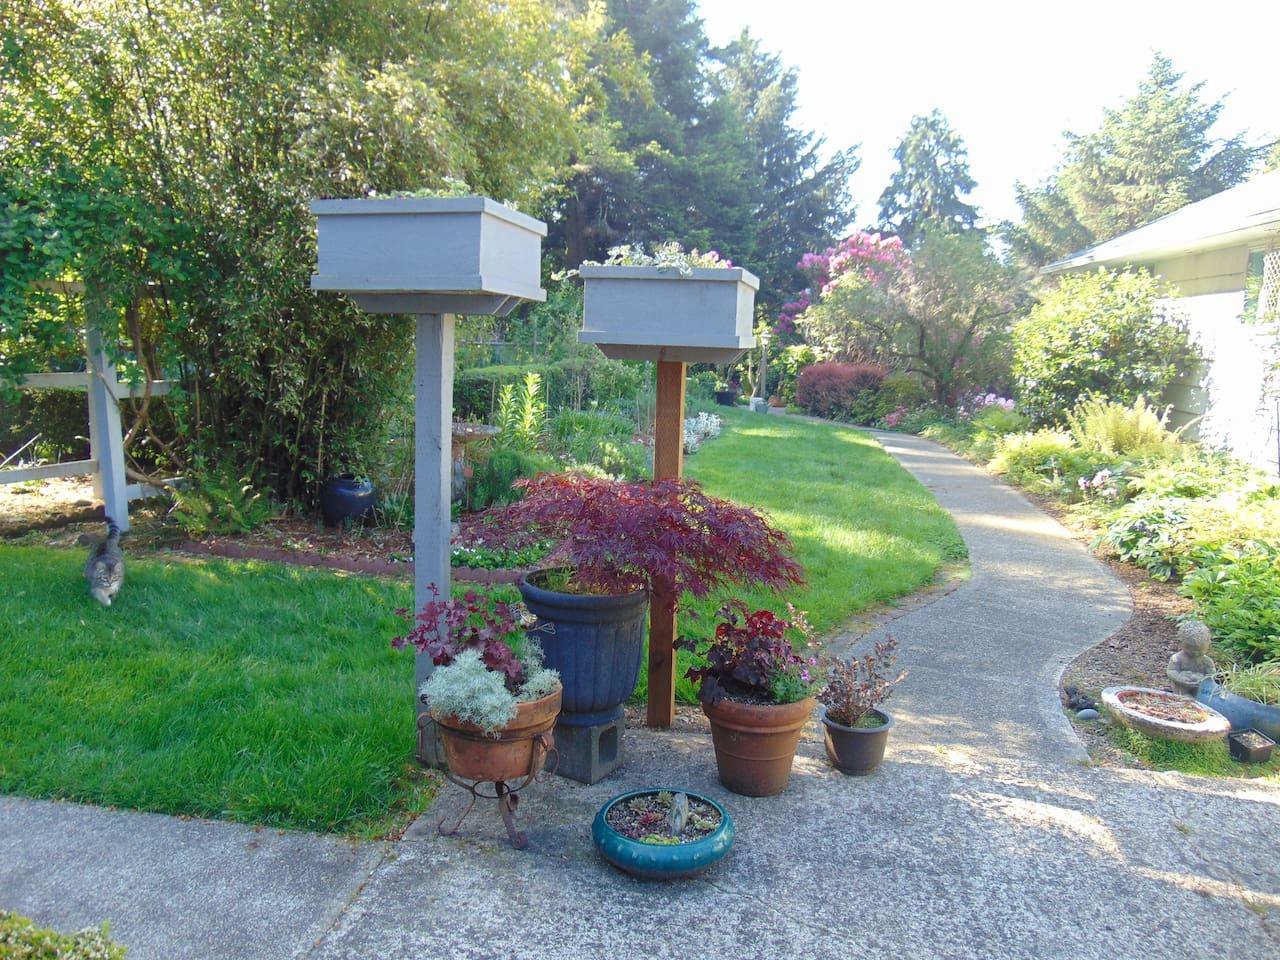 Pat's Garden Retreat